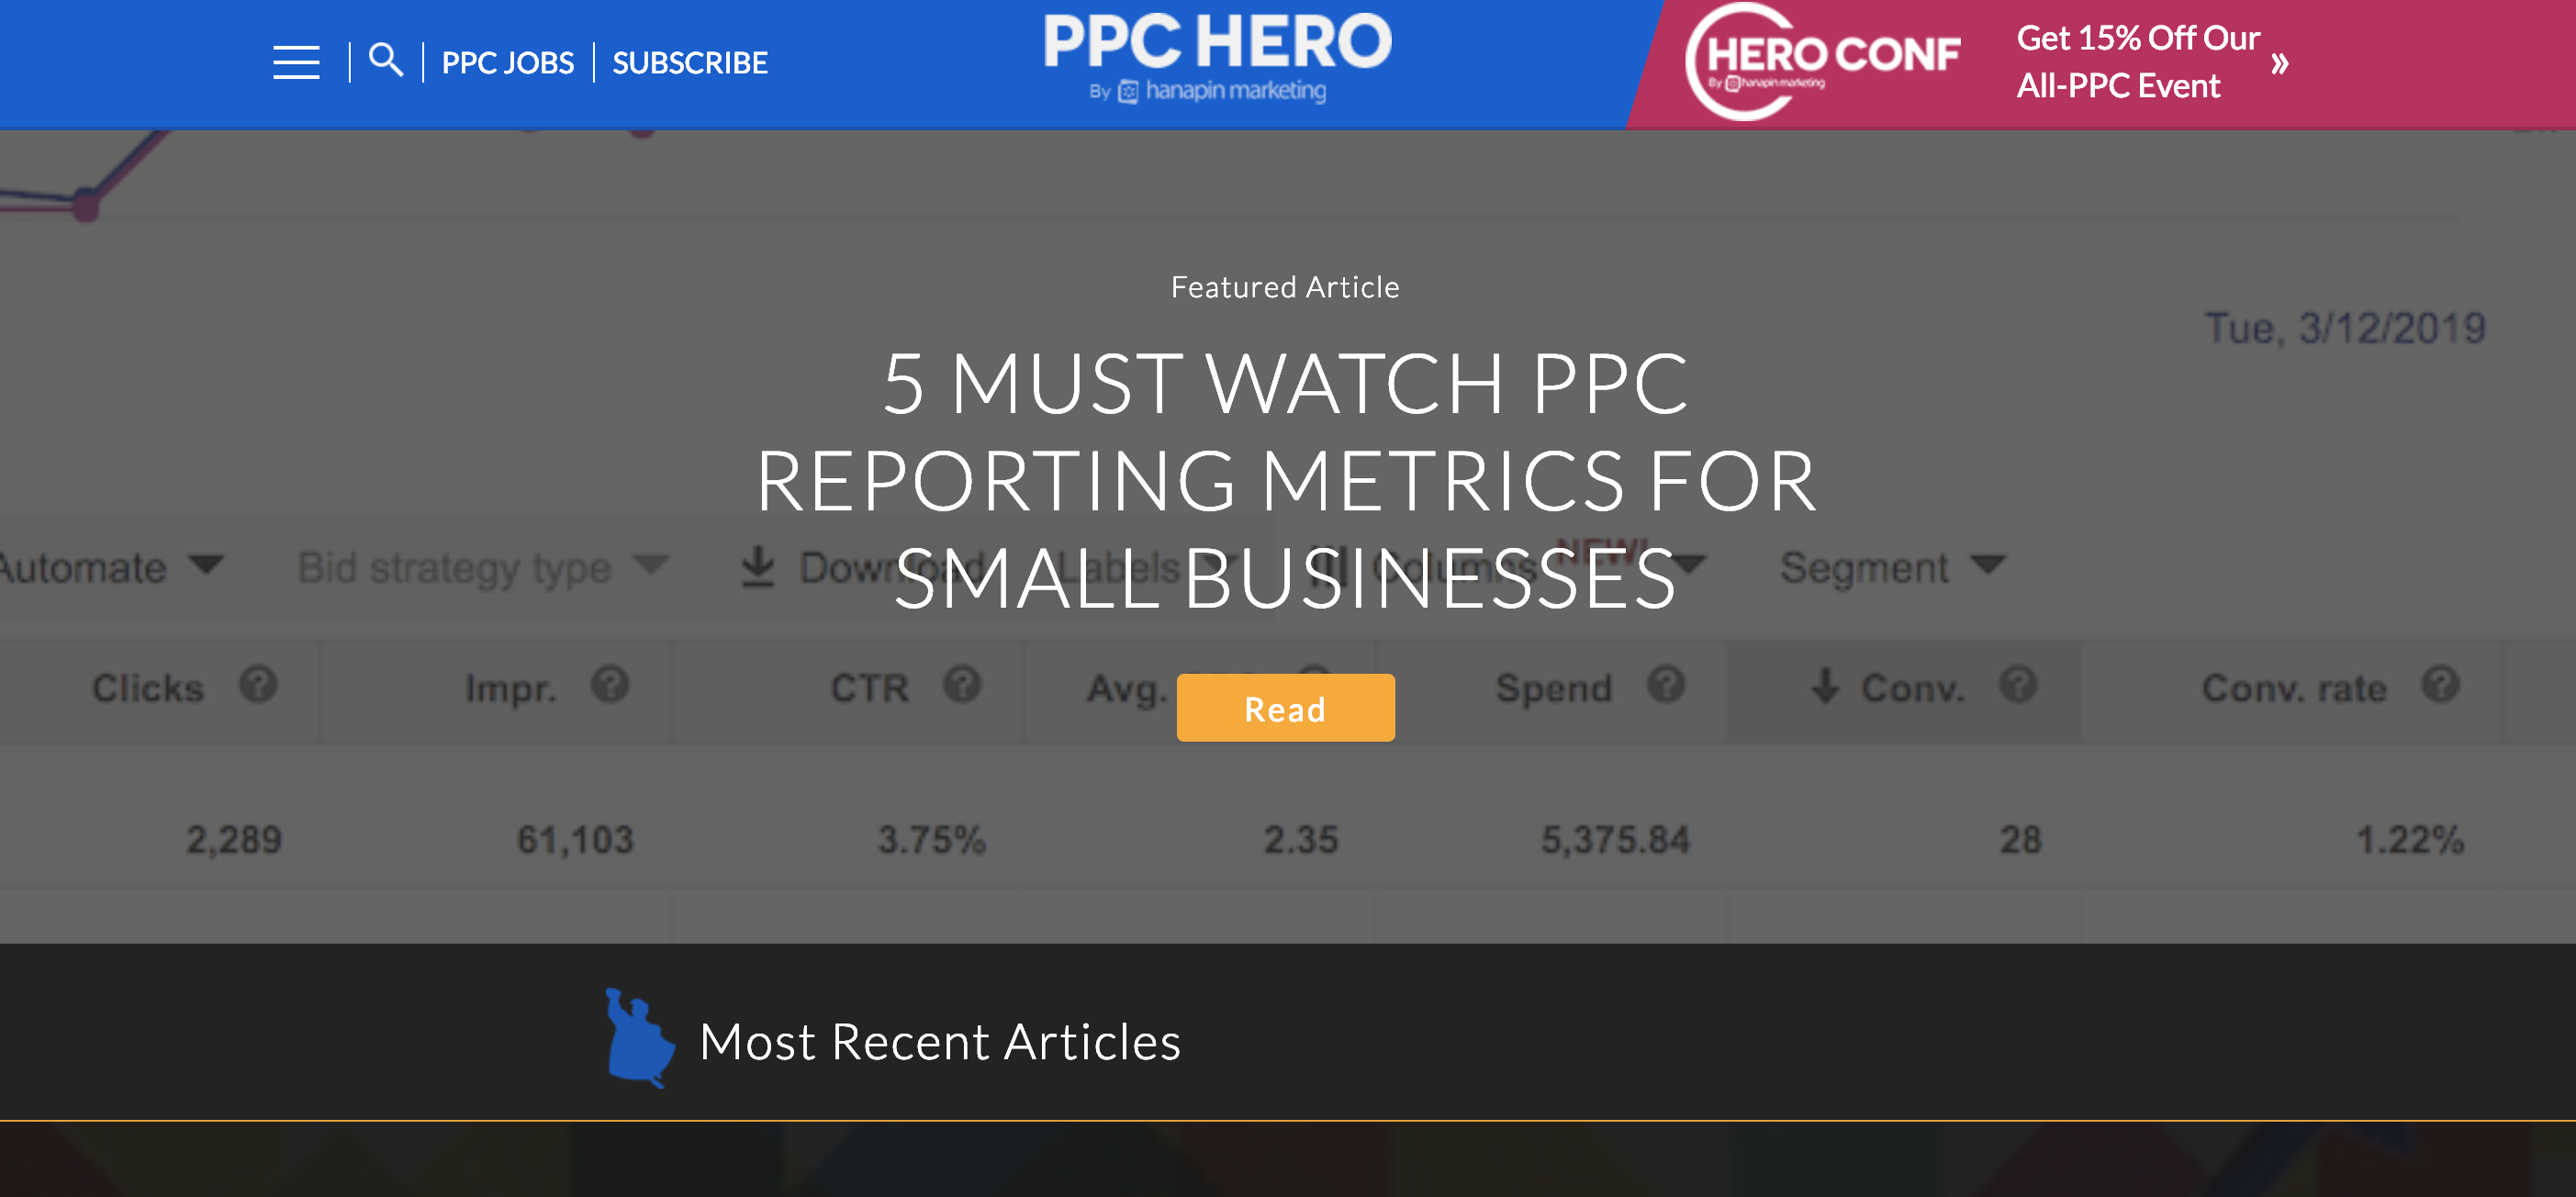 PPC Hero content resources